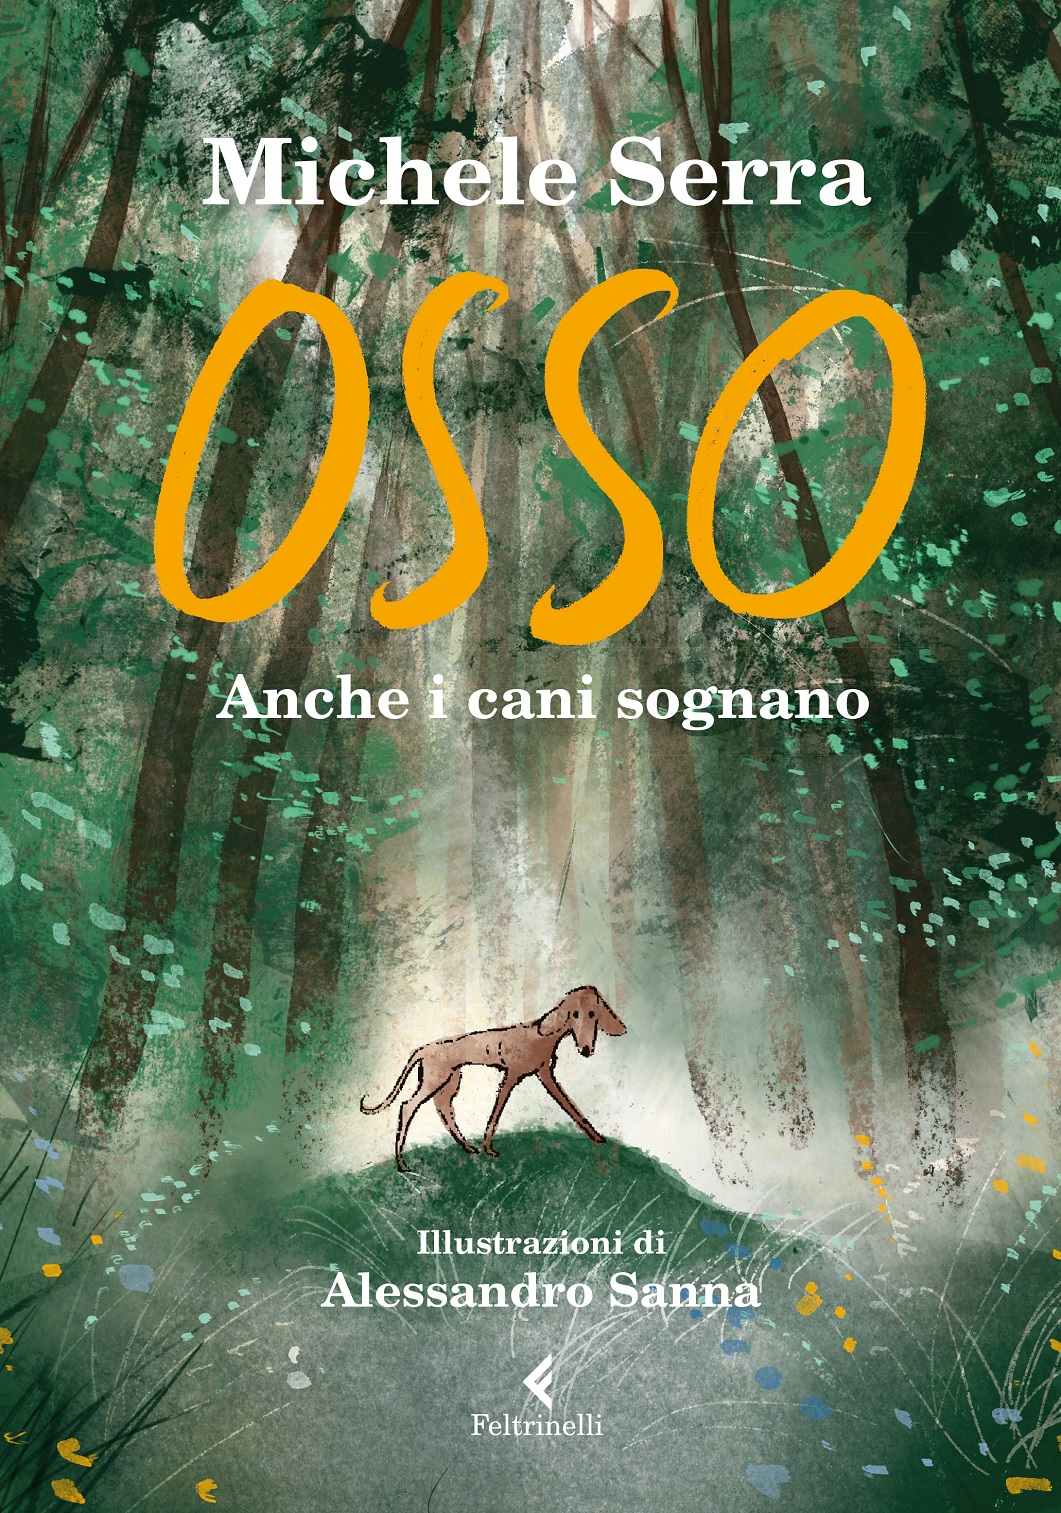 """La copertina di """"Osso"""" di Michele Serra disegnata da Alessandro Sanna"""